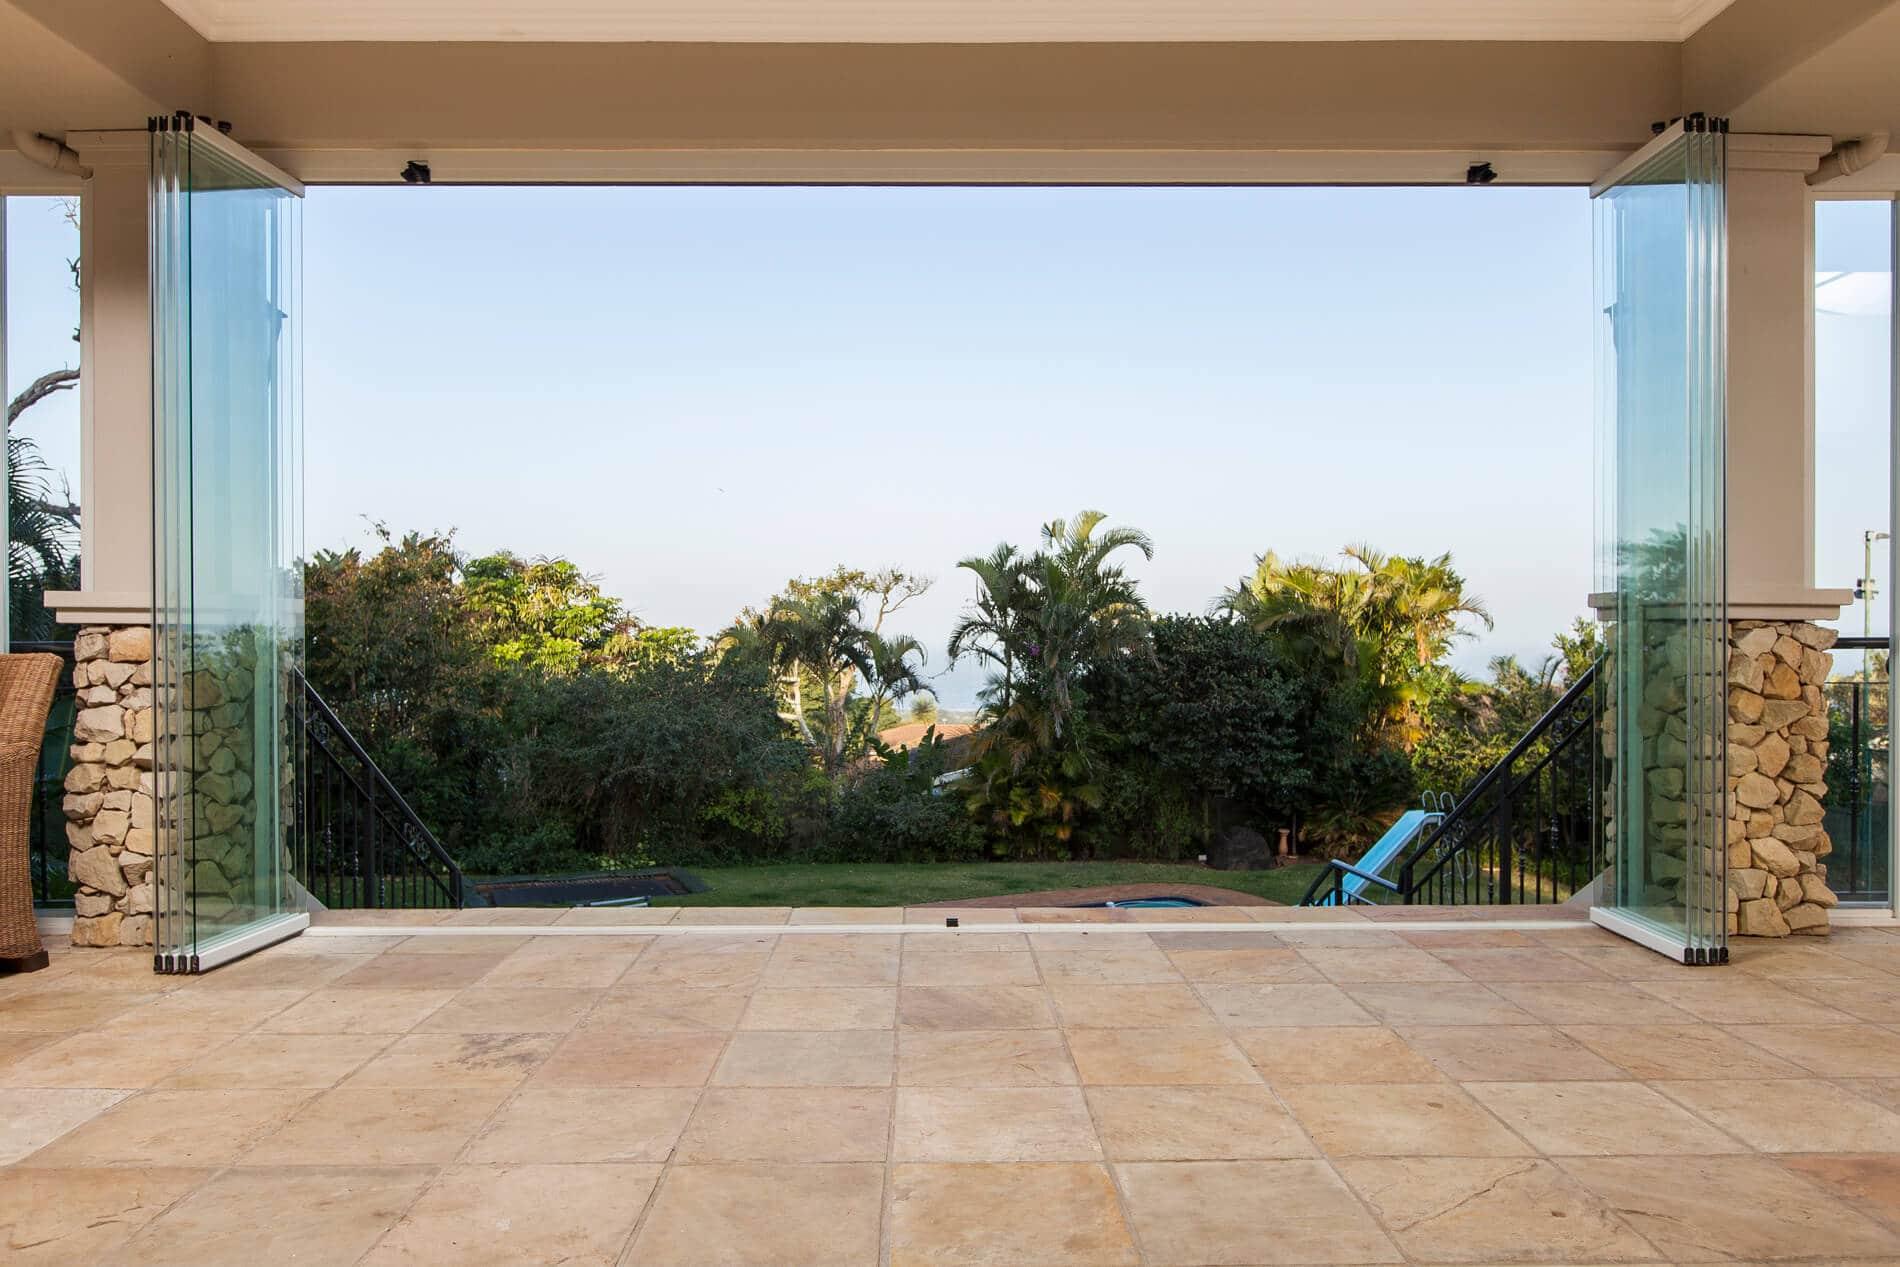 Schiebe-Dreh-Türen für Terrassenverglasung und Wintergarten